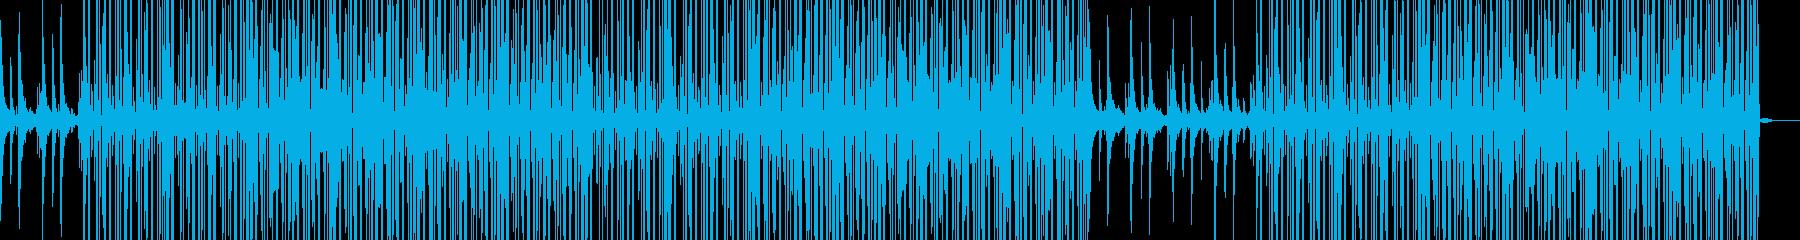 ドラムとピアノが印象的なヒップホップの再生済みの波形